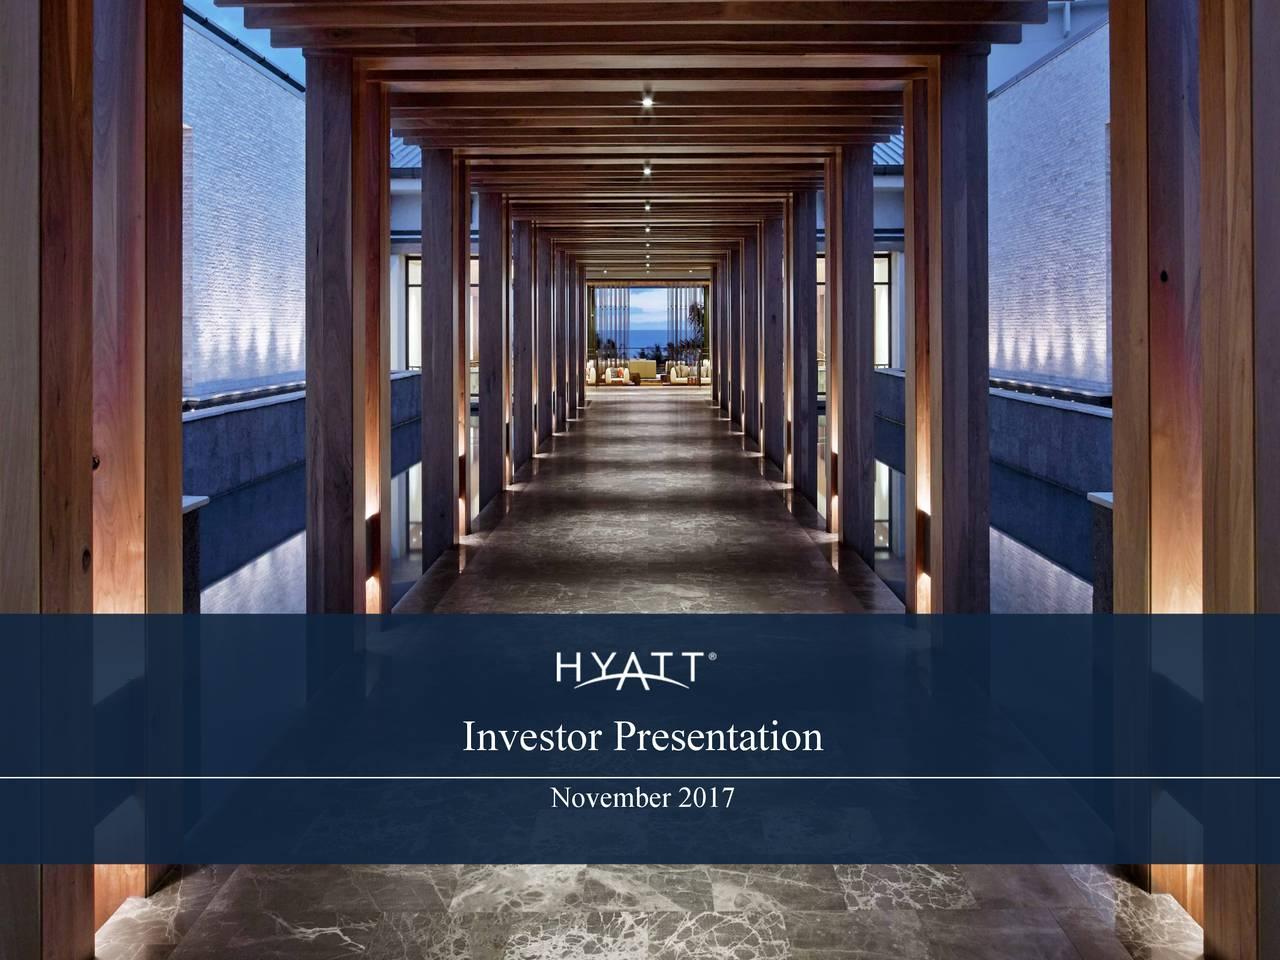 Hyatt Hotels Corporation 2017 Q3 Results Earnings Call Slides